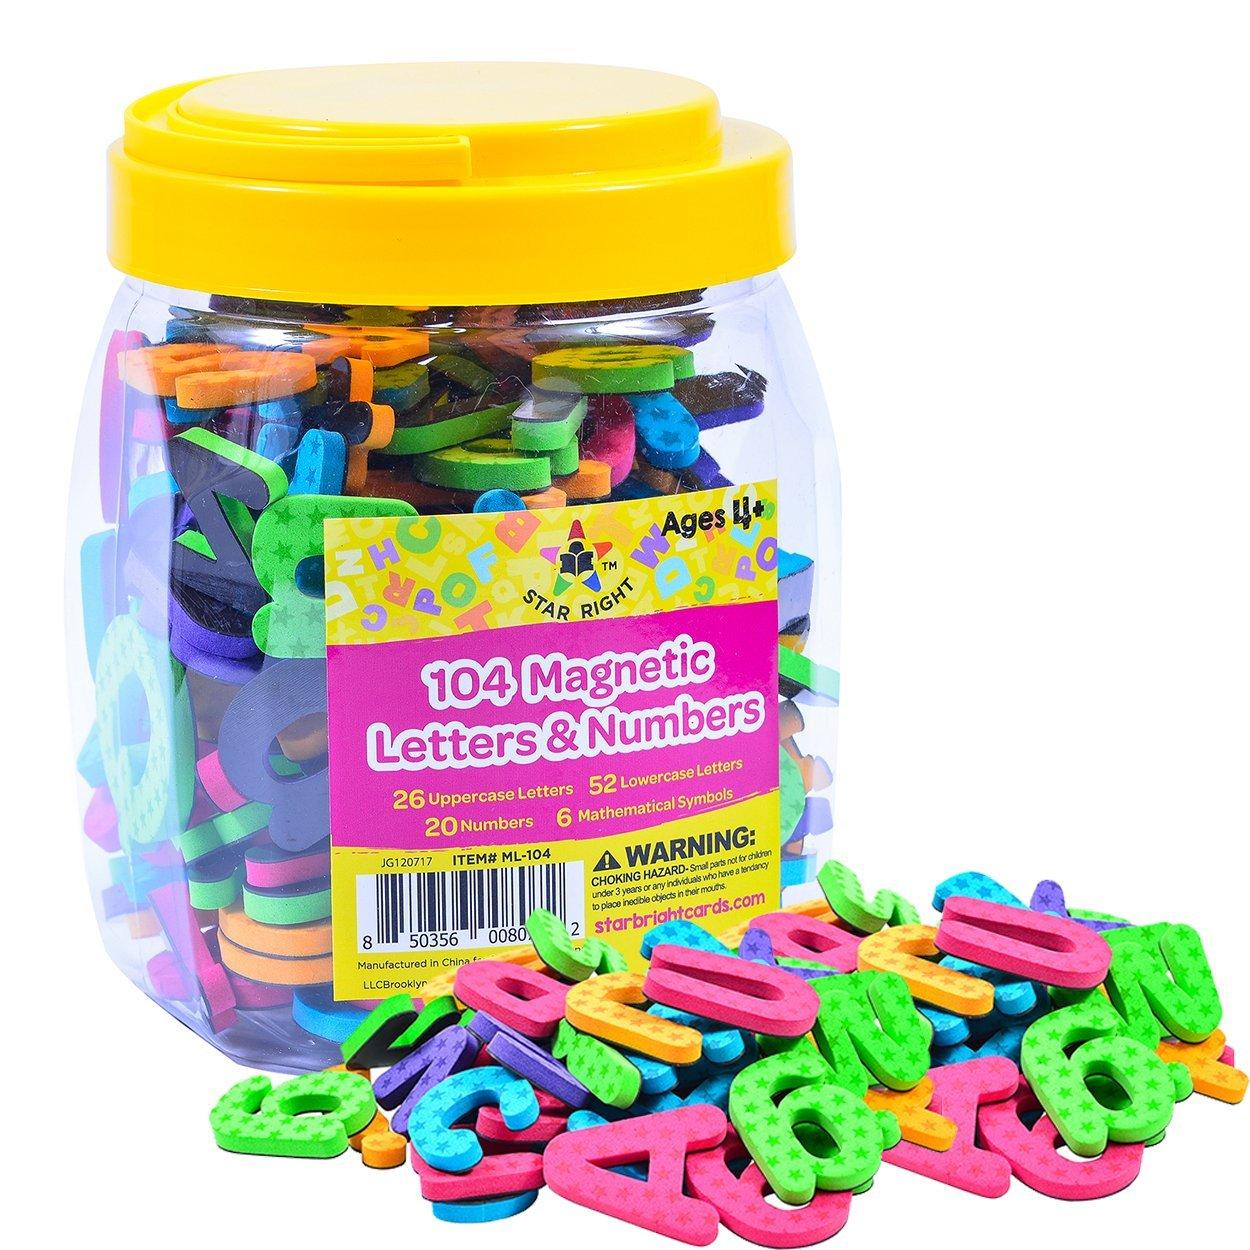 Magnetic Alphabet Letter Maths Number Symbol Fridge Magnets In Jar 80Pcs KIDS